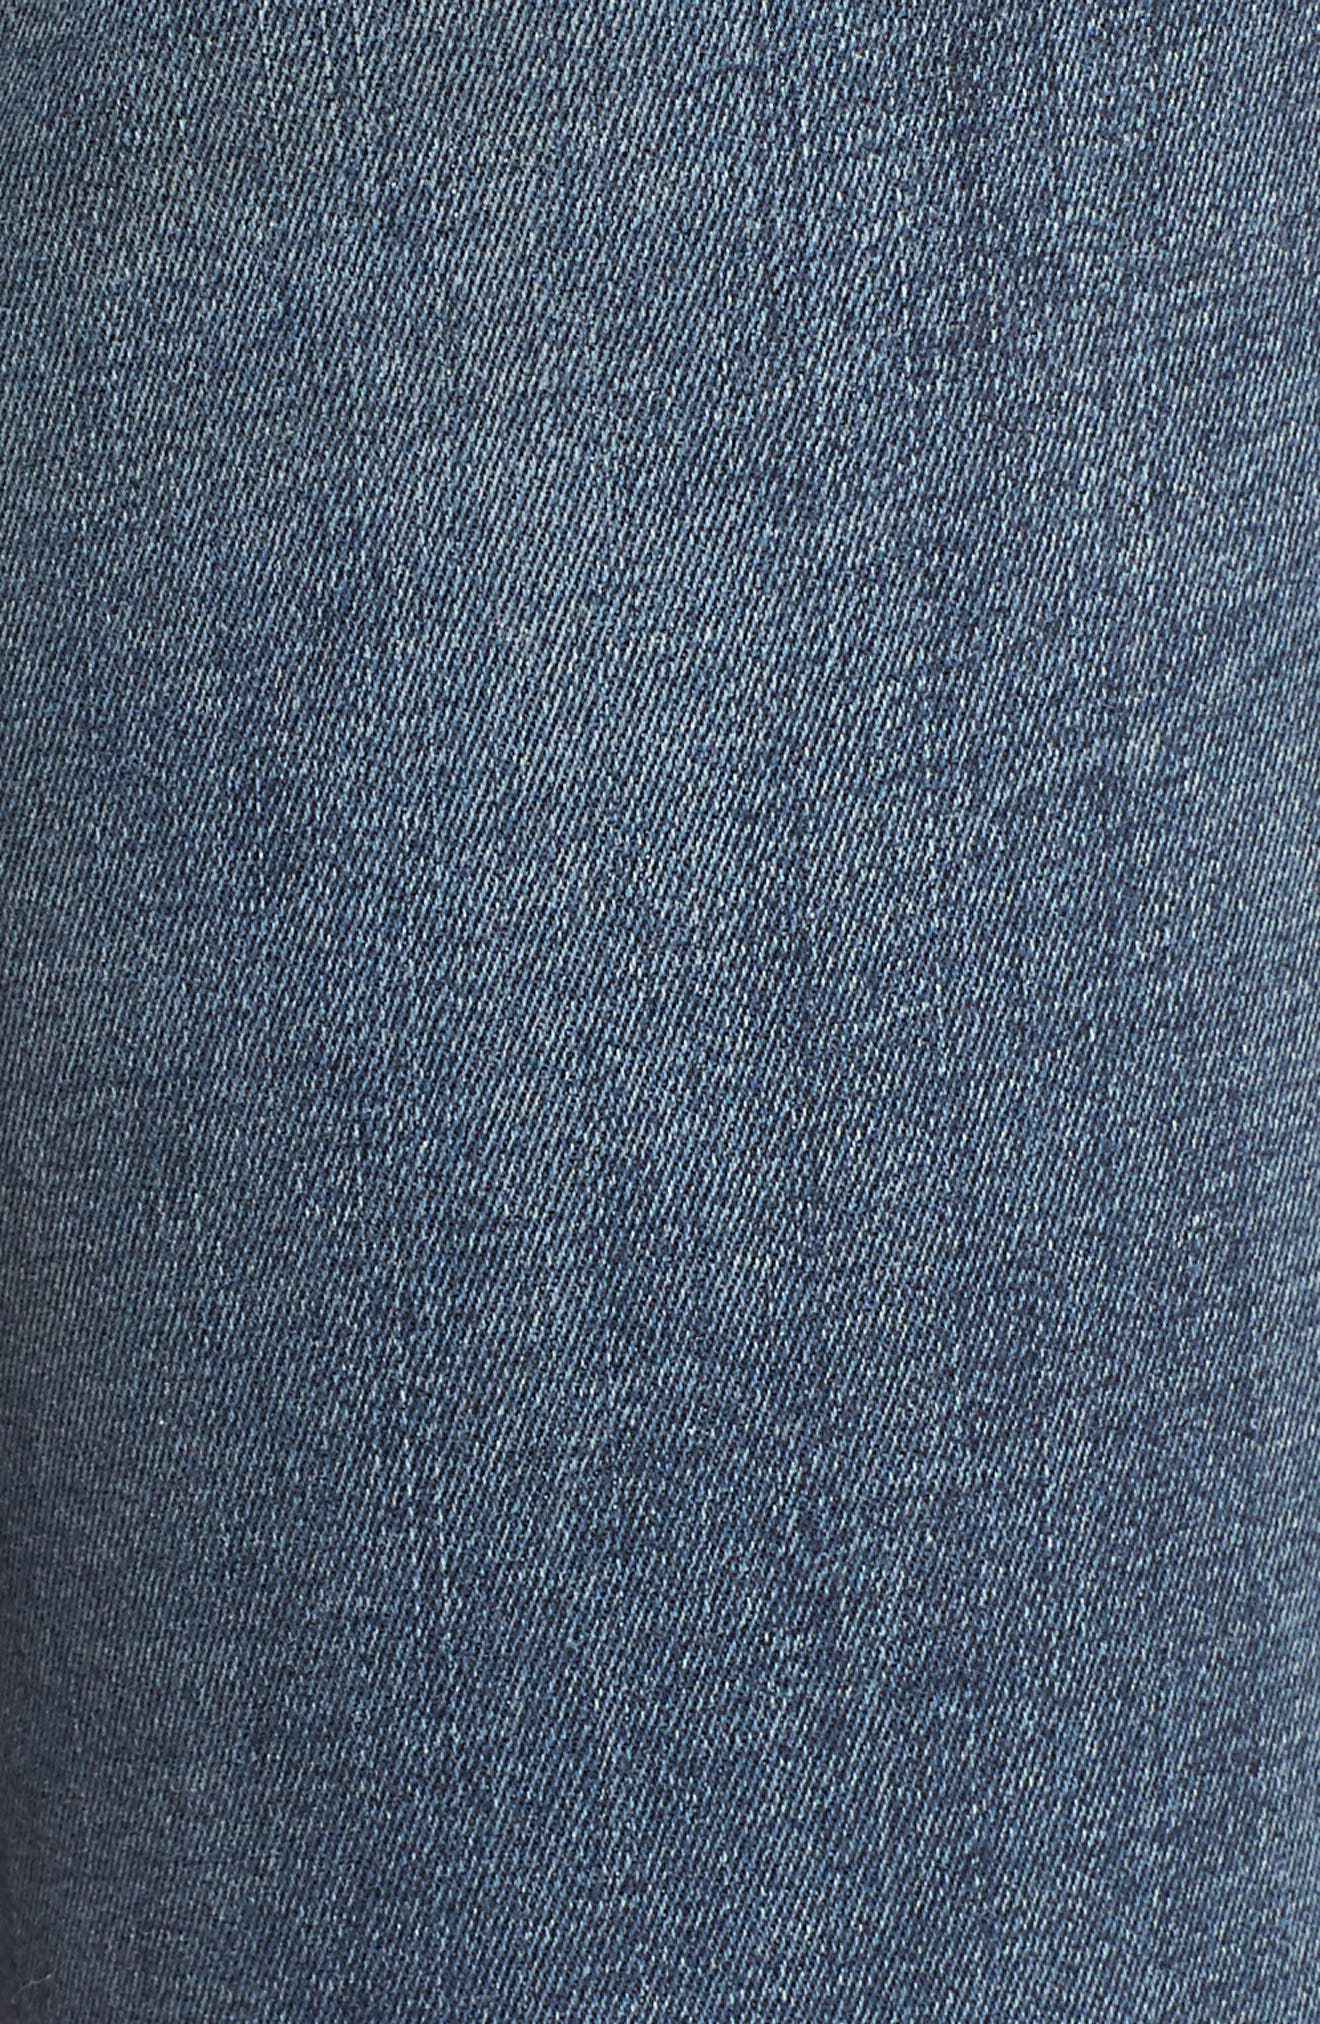 Alternate Image 5  - Vigoss Jagger Ripped Skinny Jeans